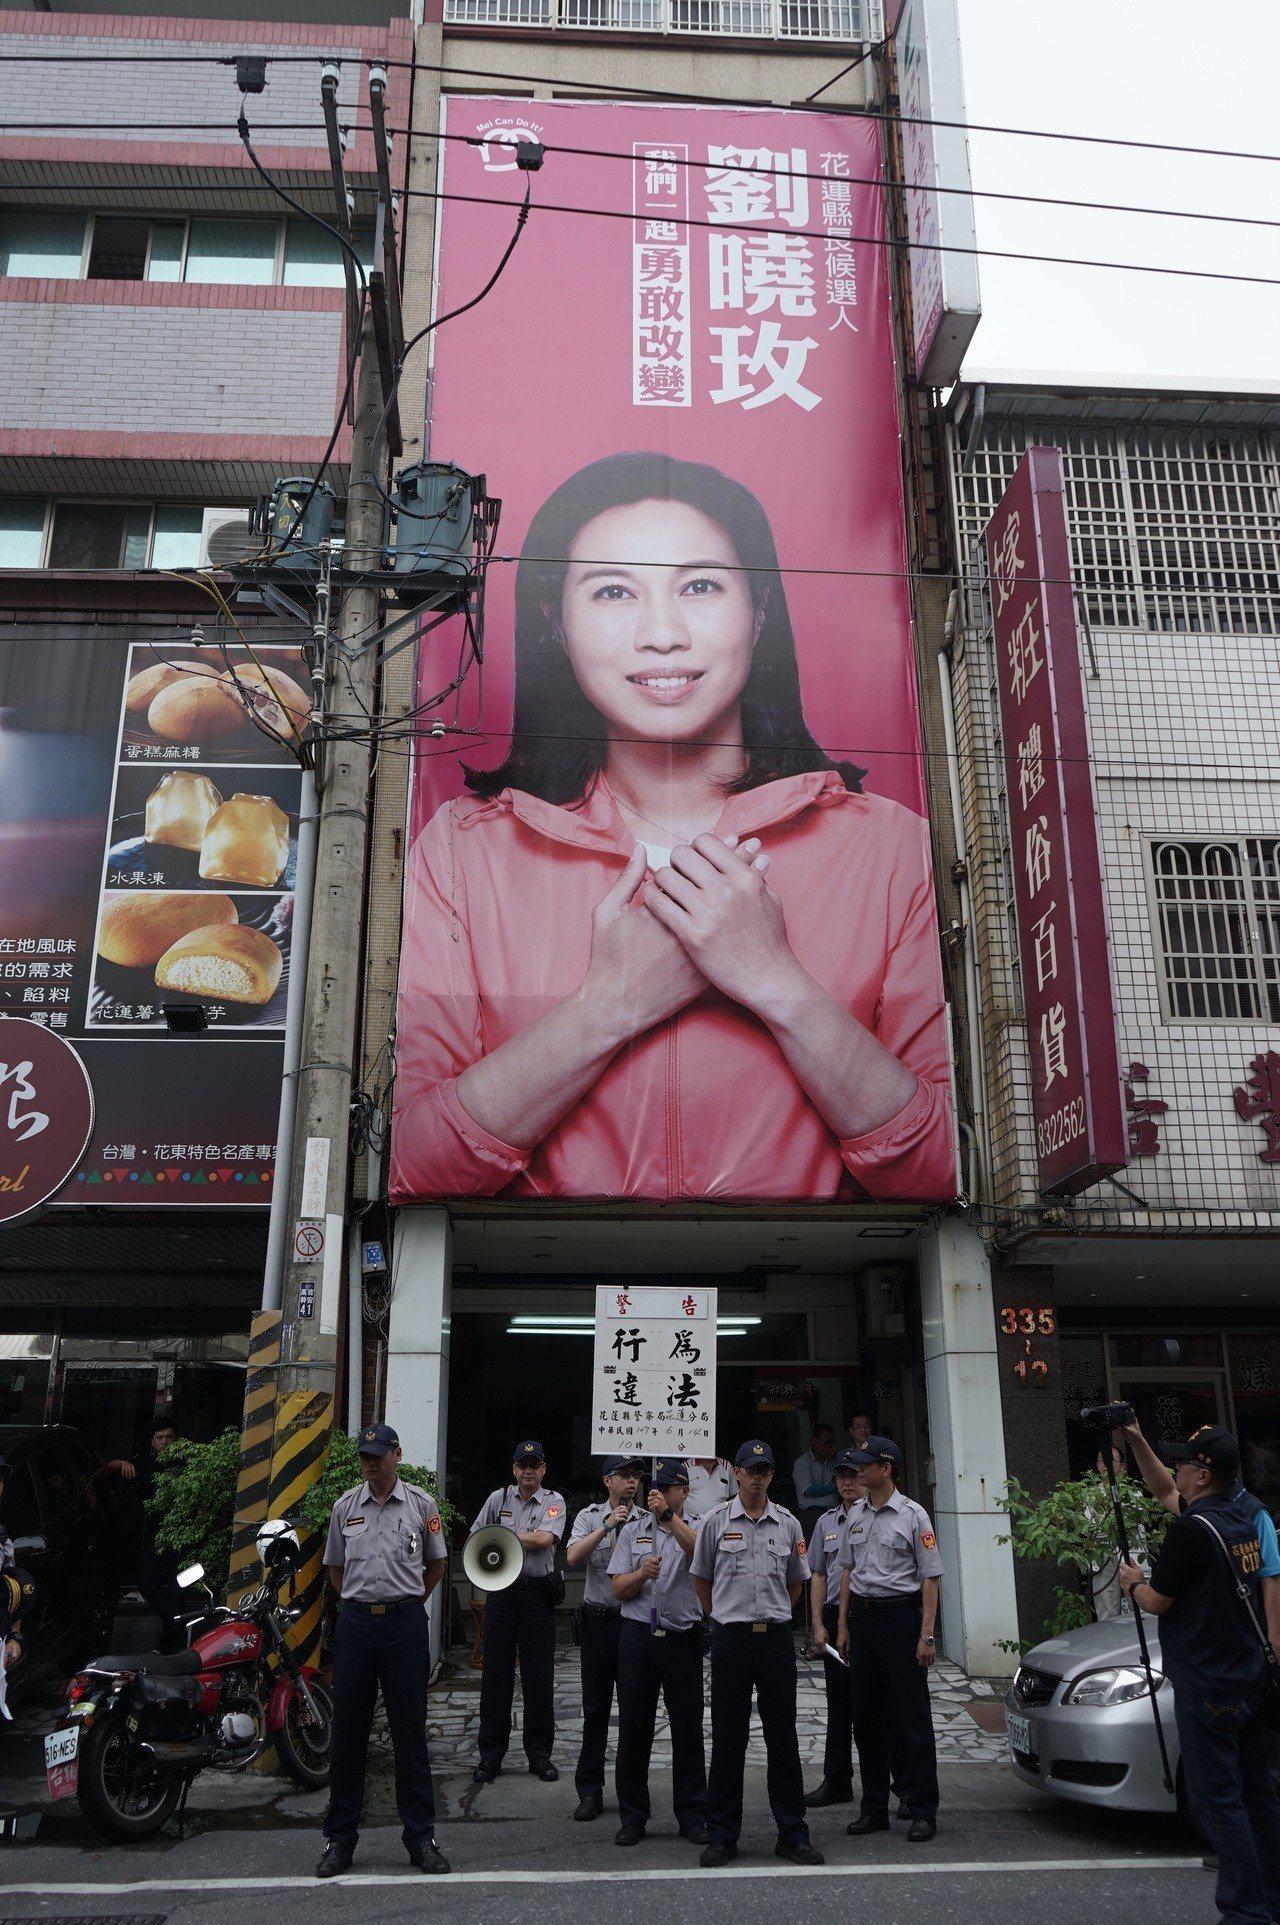 警方舉牌警告。記者王燕華/攝影